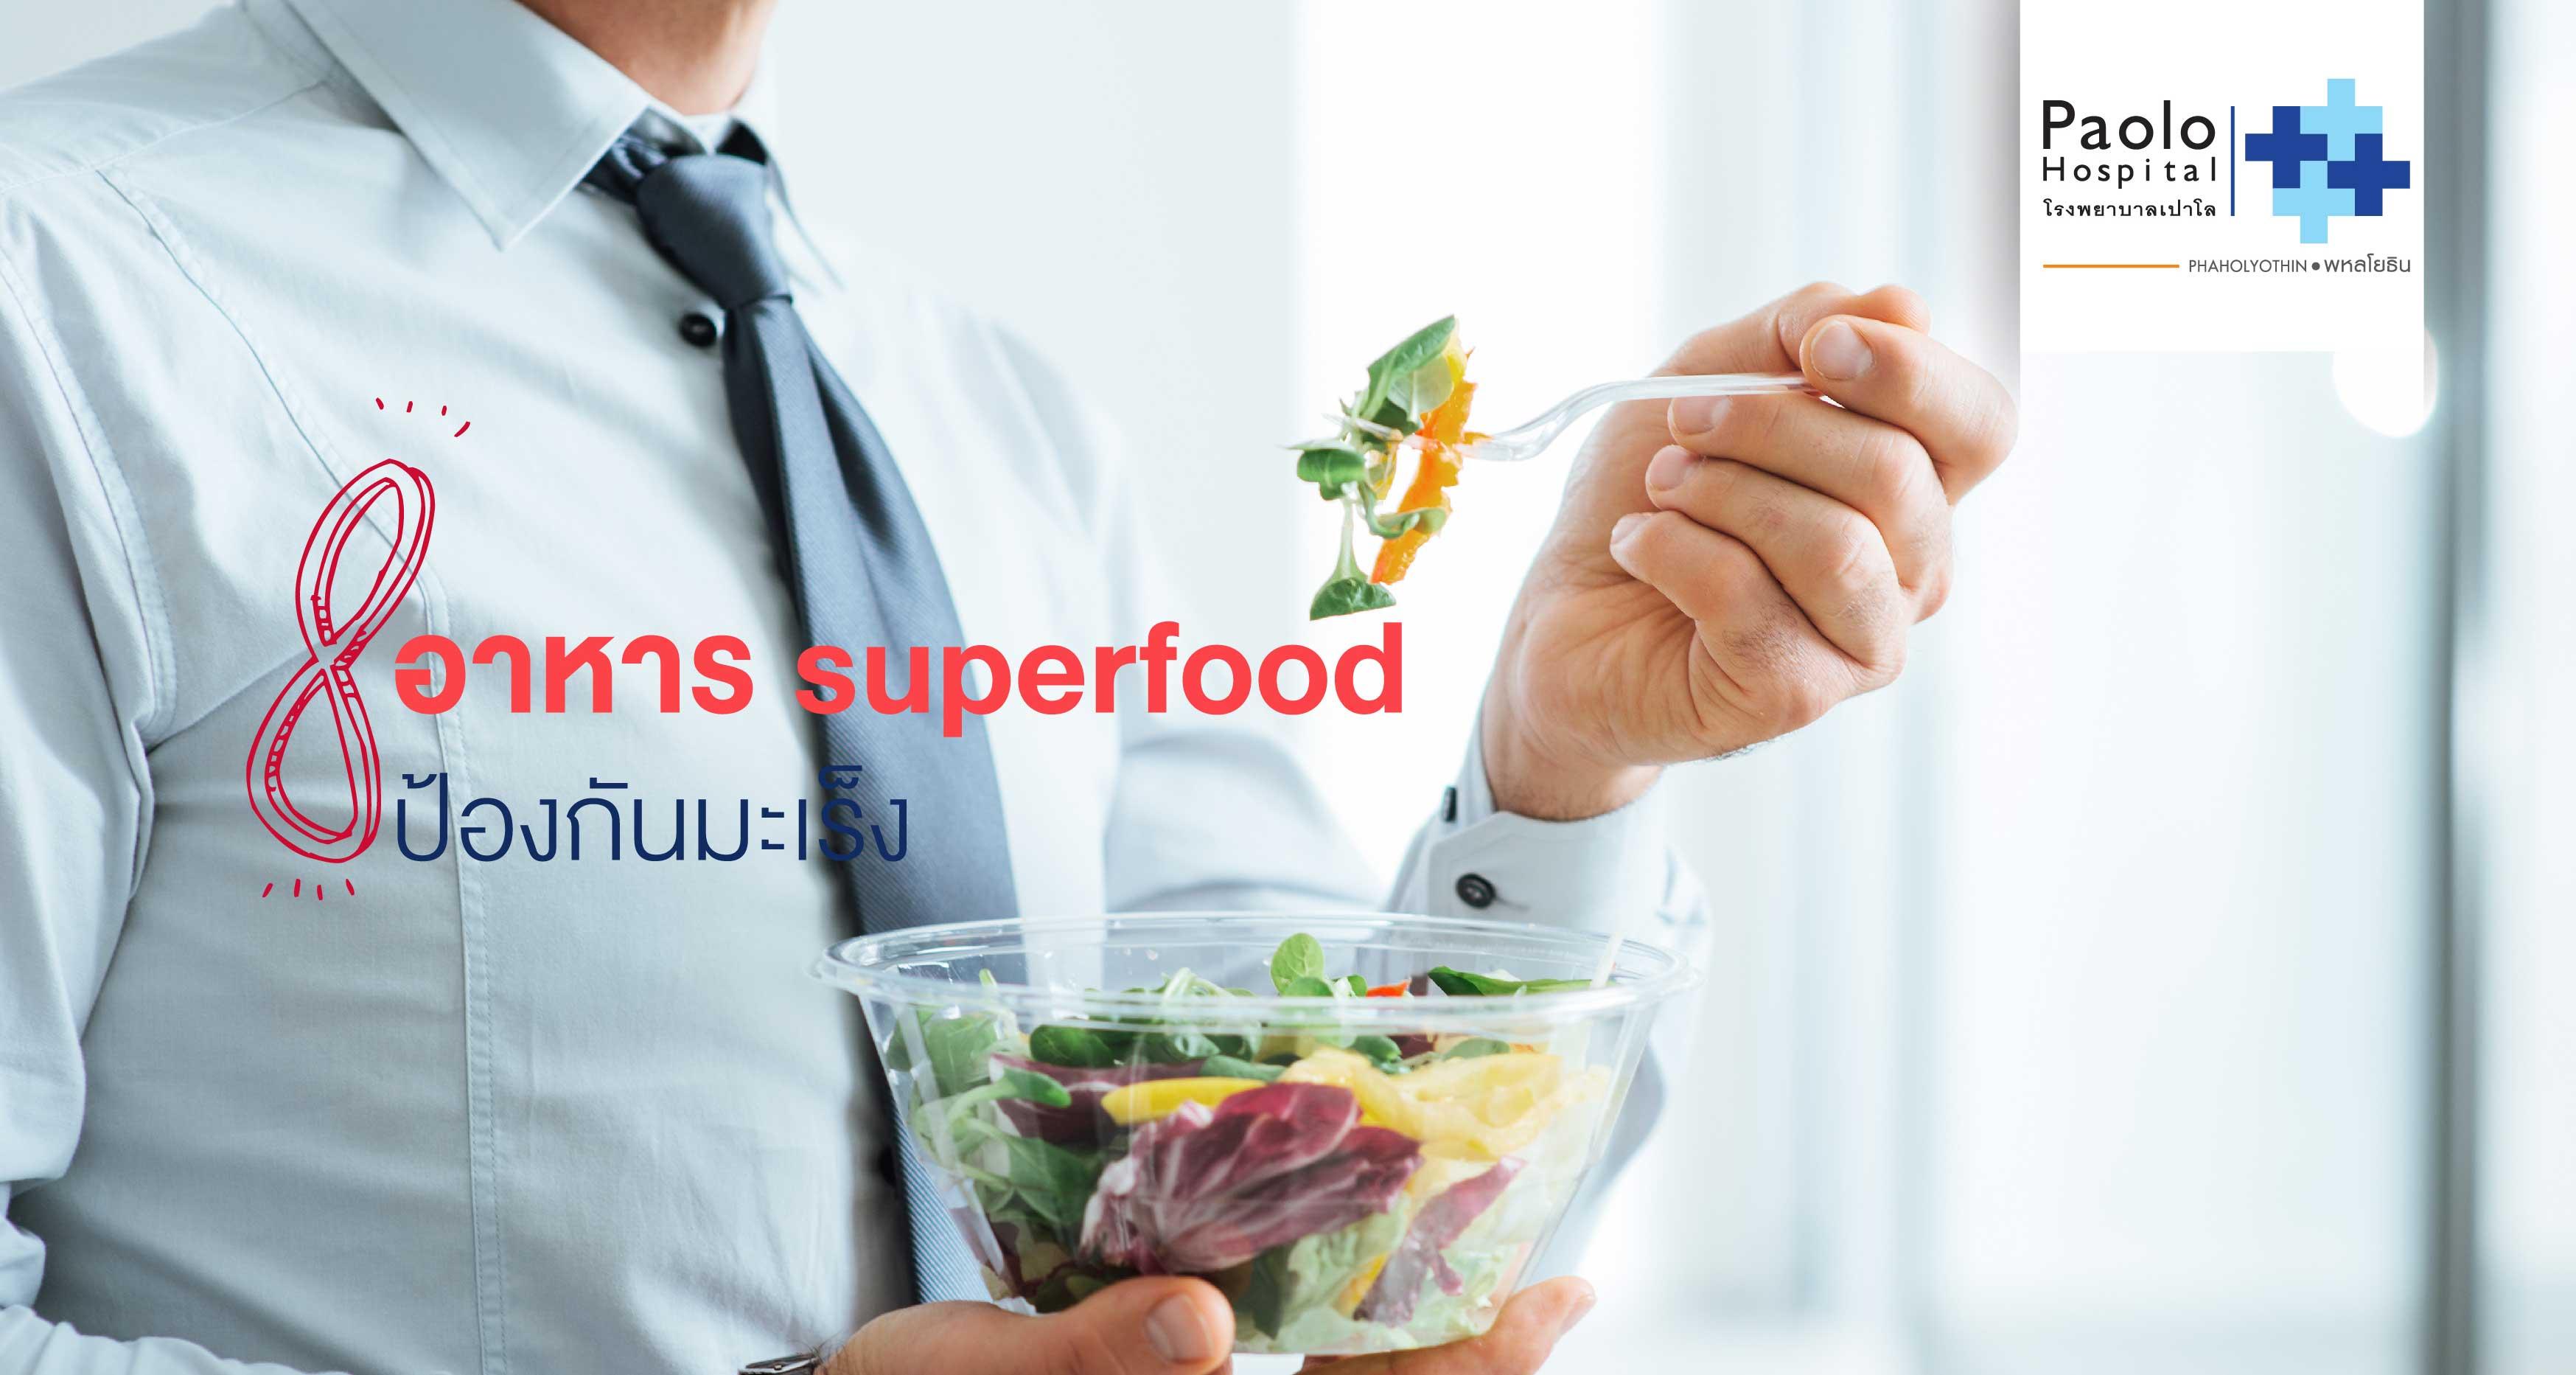 8 อาหาร Superfood ป้องกันมะเร็ง กินได้ทุกวัน